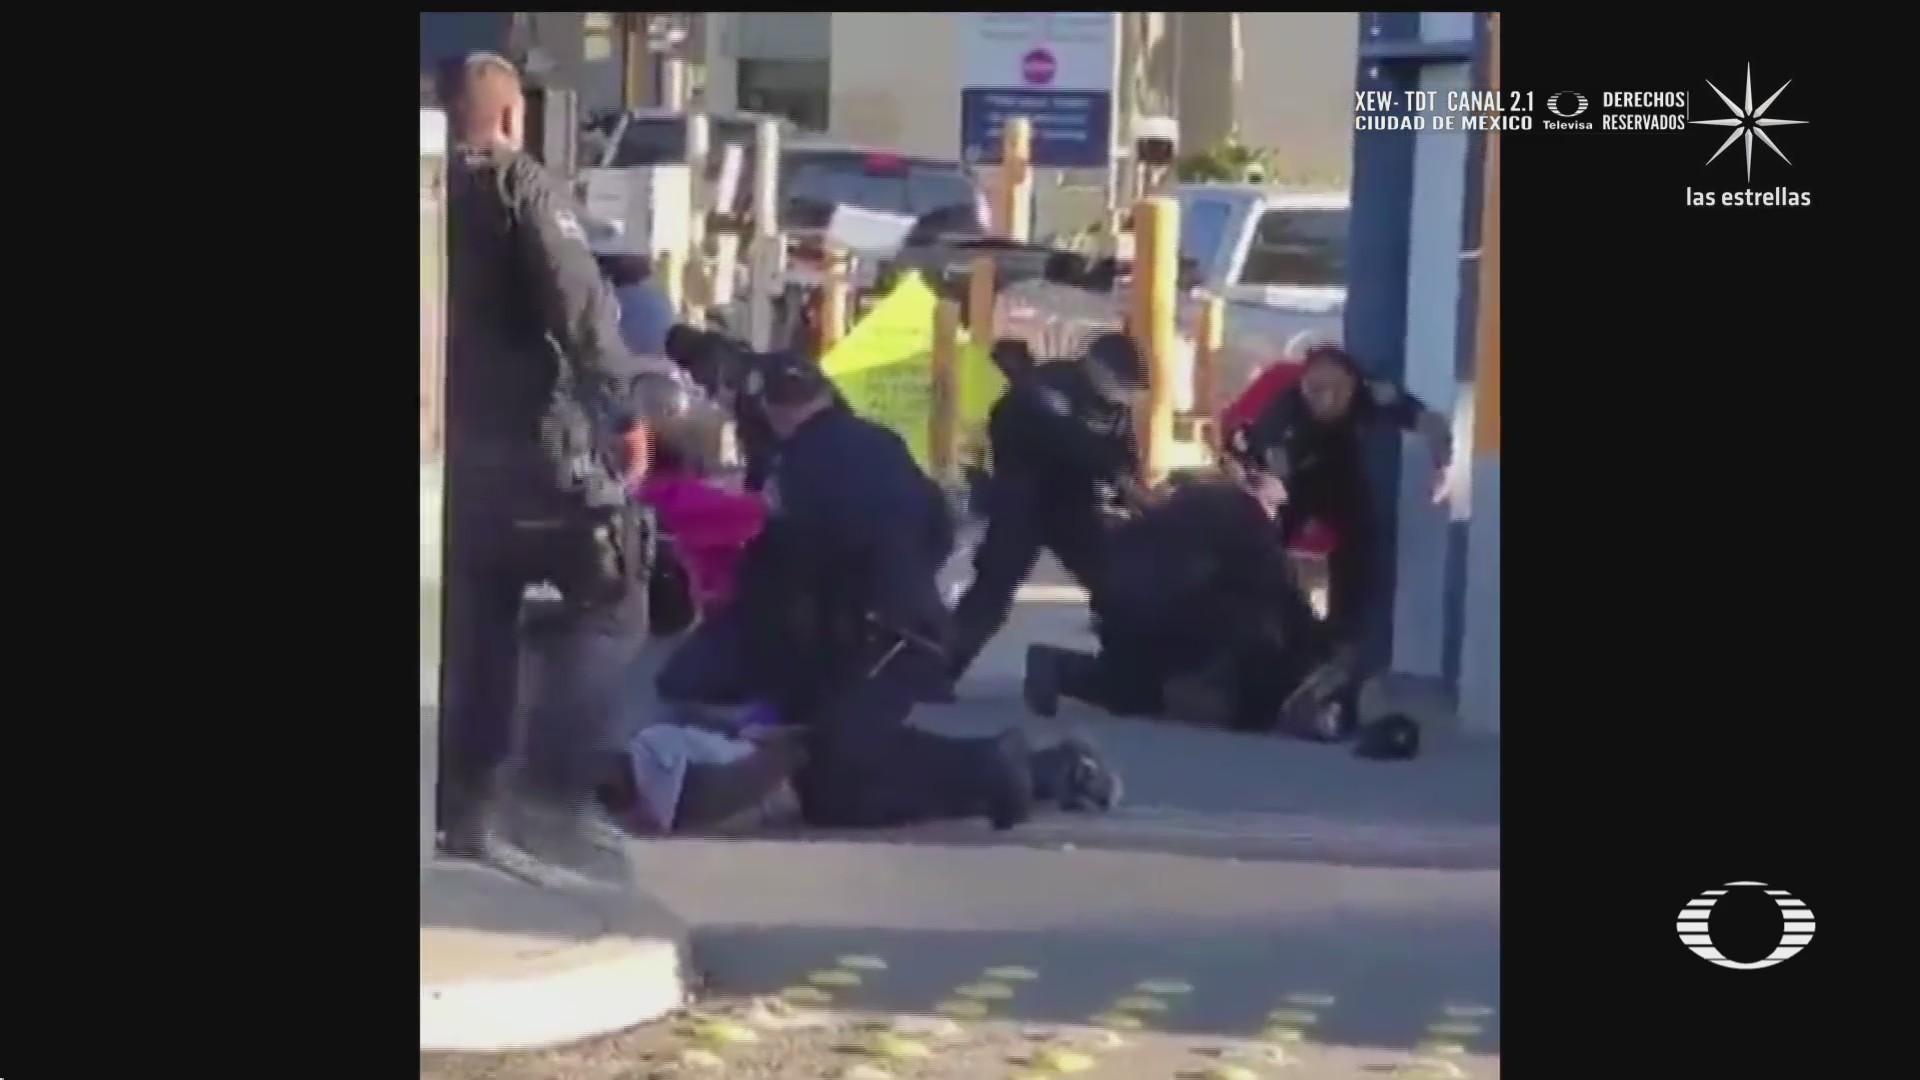 migrantes intentan burlar la seguridad de la garita de tecate